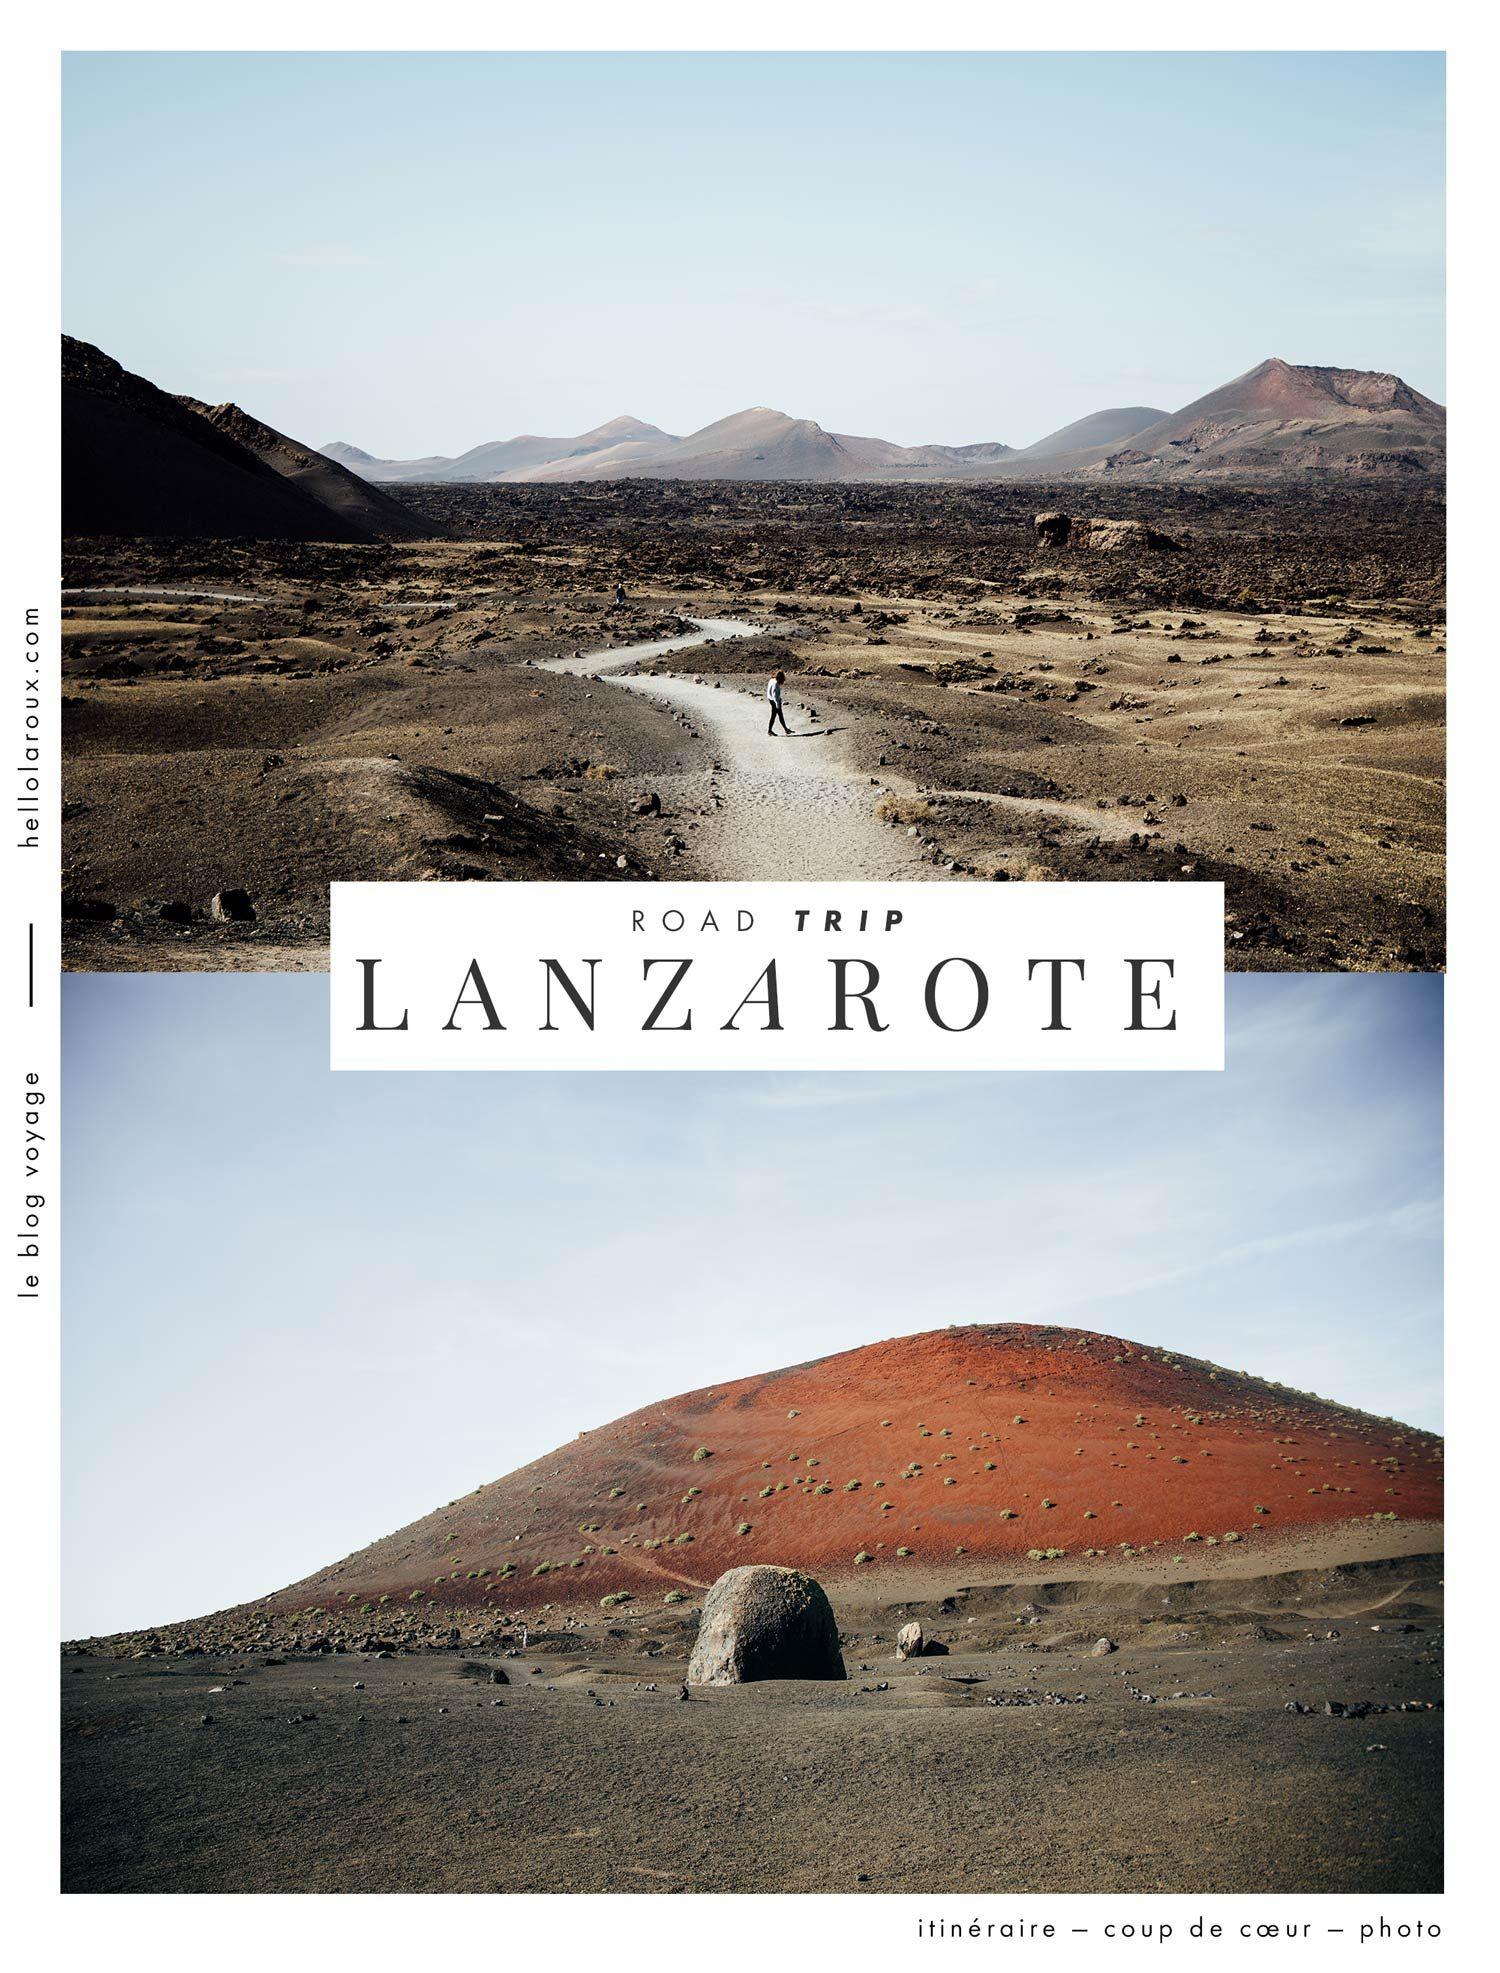 Itinéraire road trip 7 jours à Lanzarote — lîle des 1000 volcans